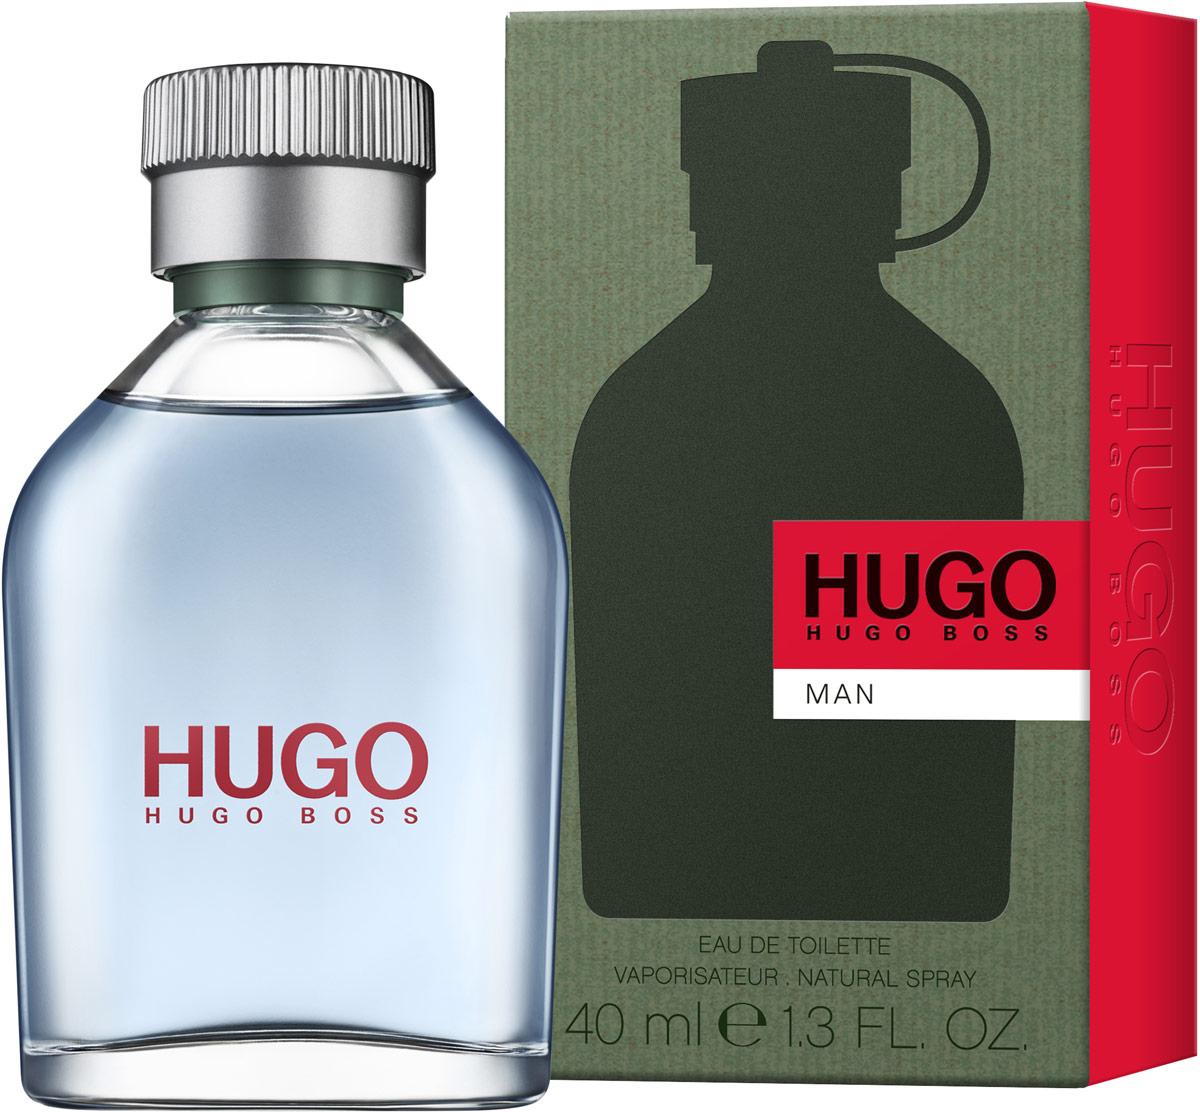 Hugo Boss туалетная вода Hugo Man 40 мл купить в интернет